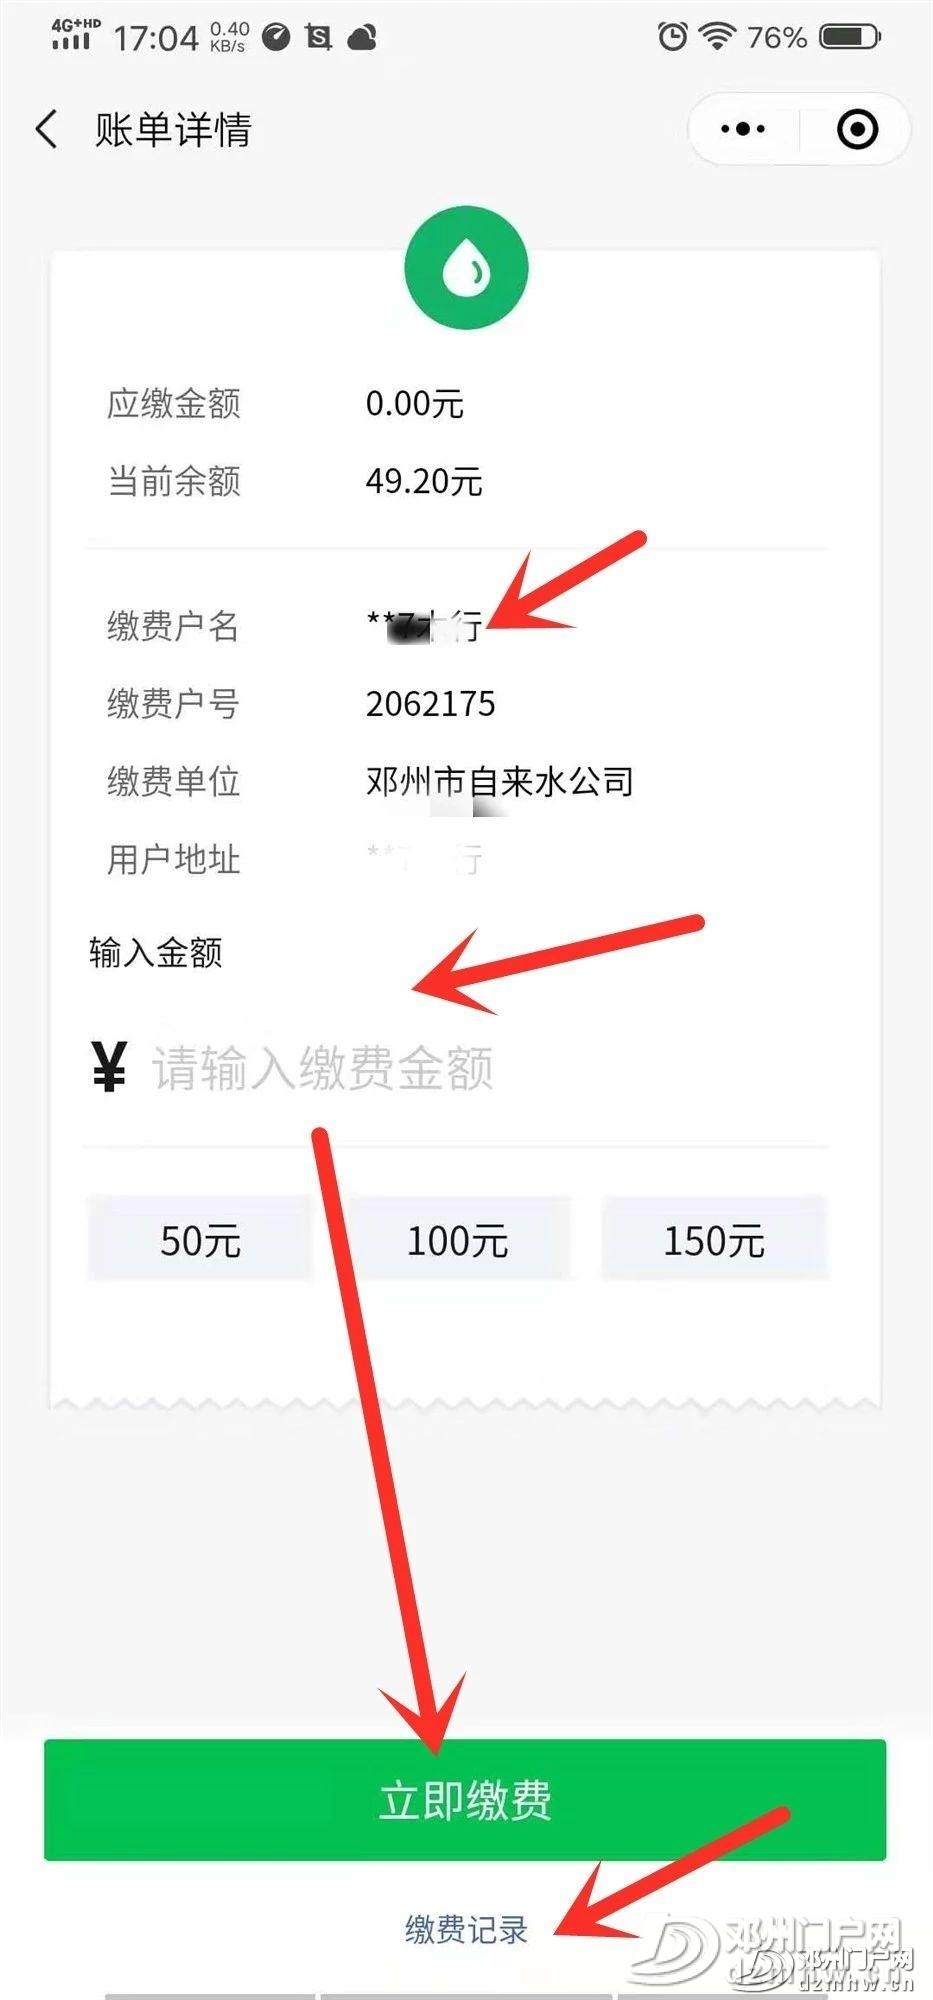 邓州市自来水公司开通微信生活缴费入口,以后更方便了 - 邓州门户网 邓州网 - 21997d132445ed539452852b941f2f34.jpg